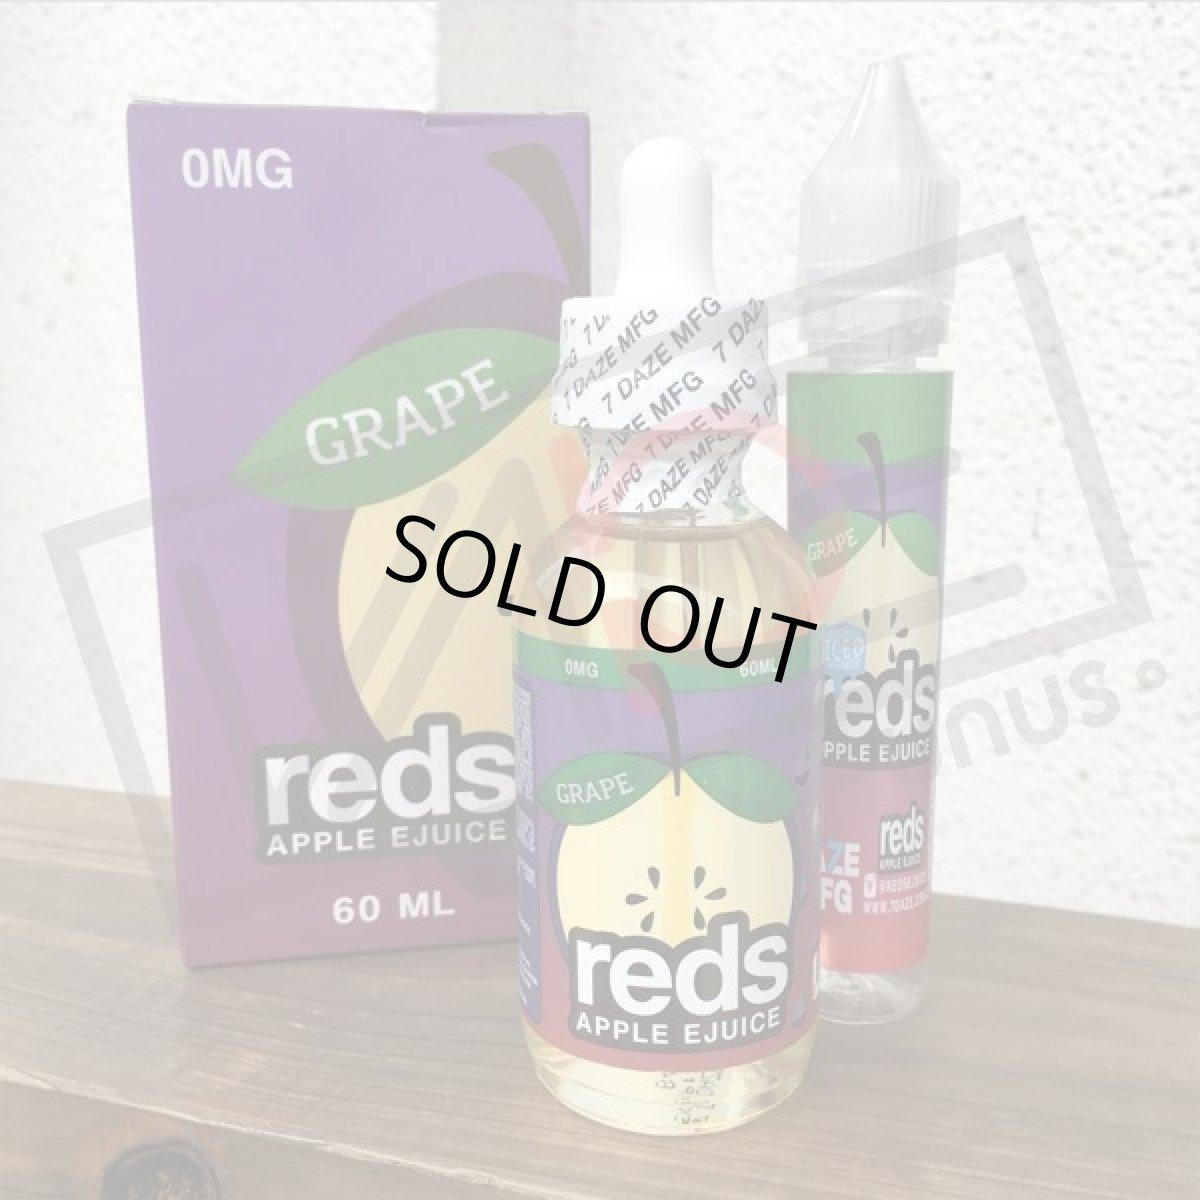 画像1: 《フルーツ系》reds APPLE EJUICE【60ml】 アップル ジュース グレープ フルーツ スッキリ リキッド (1)